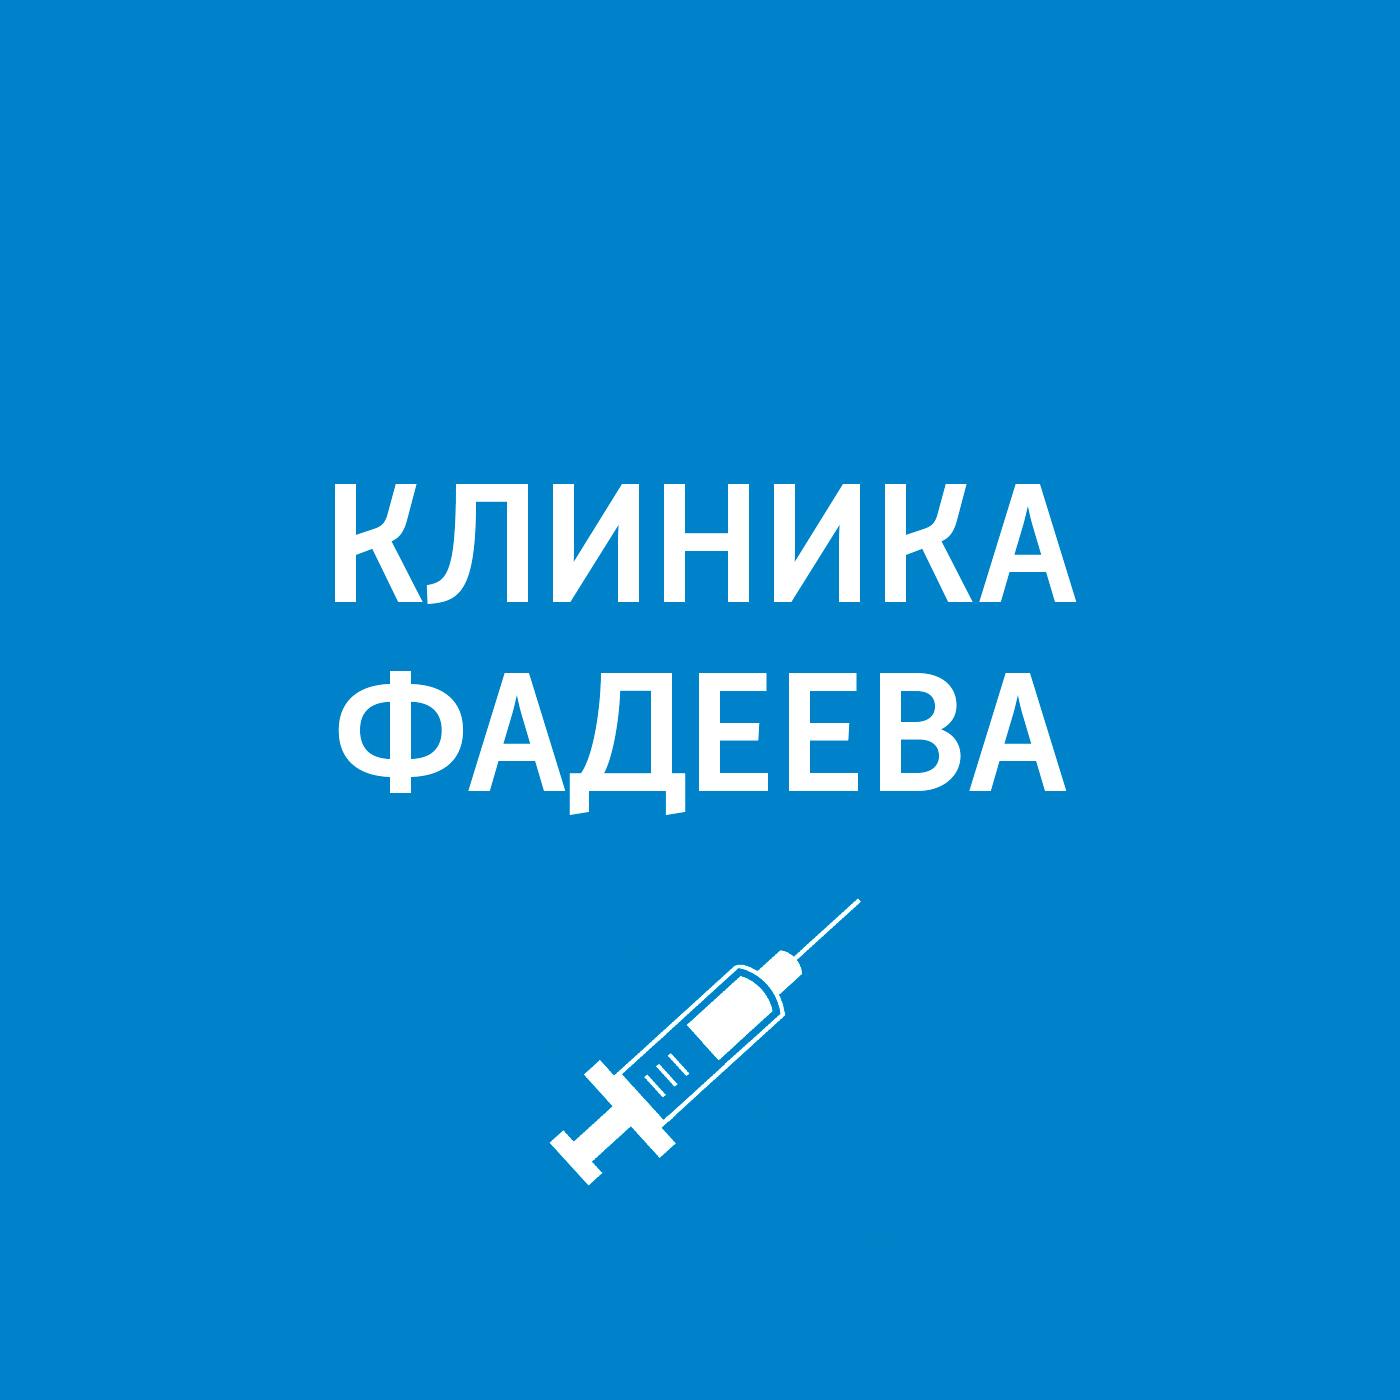 Пётр Фадеев Прием ведет врач-стоматолог: Косметическая стоматология стоматология